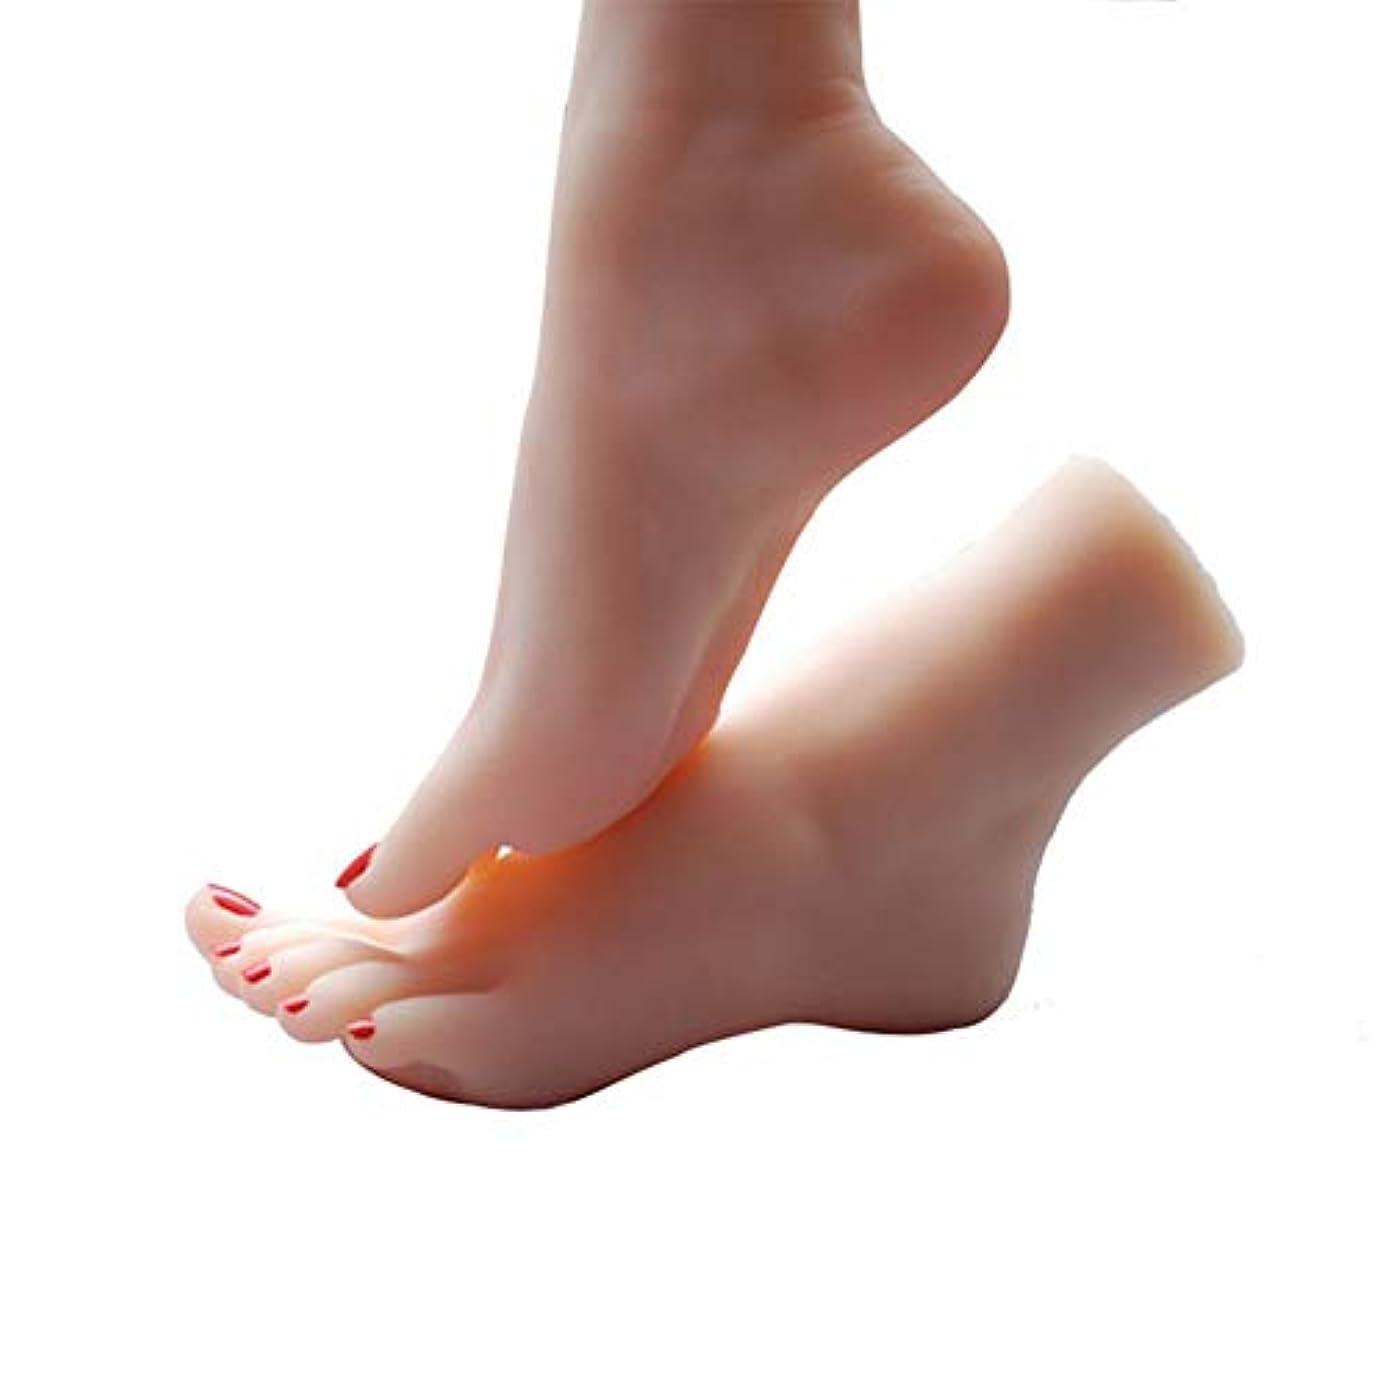 ベテラン差別するとげのあるスケッチネイルアートの練習ジュエリー靴ソックス表示(ペア)としてシリコーン女性の足のライフサイズマネキン